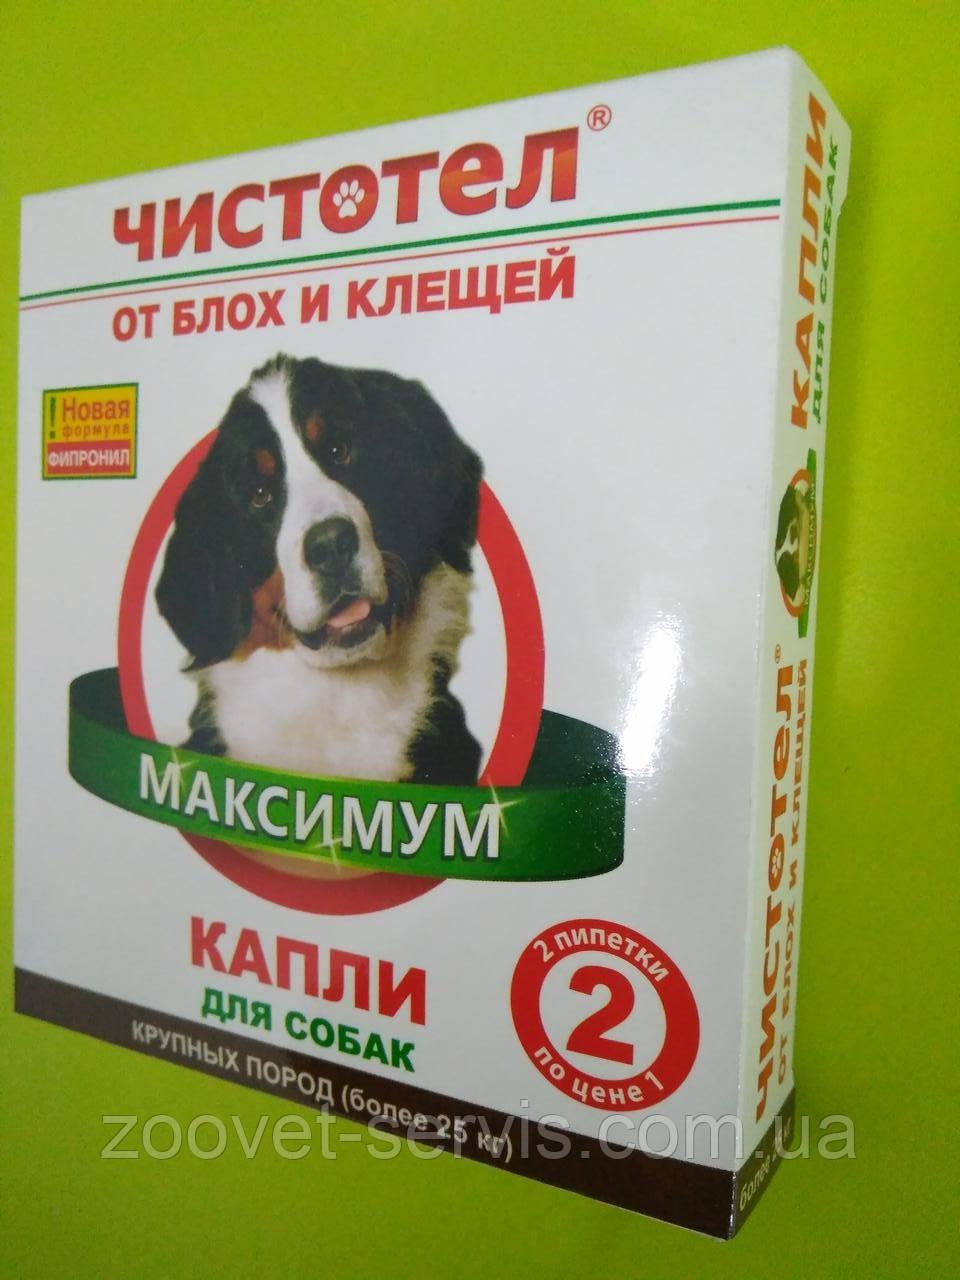 Капли от блох и клещей Чистотел Максимум для собак крупных пород весом более 25 кг 1 упаковка - 2 пипетки